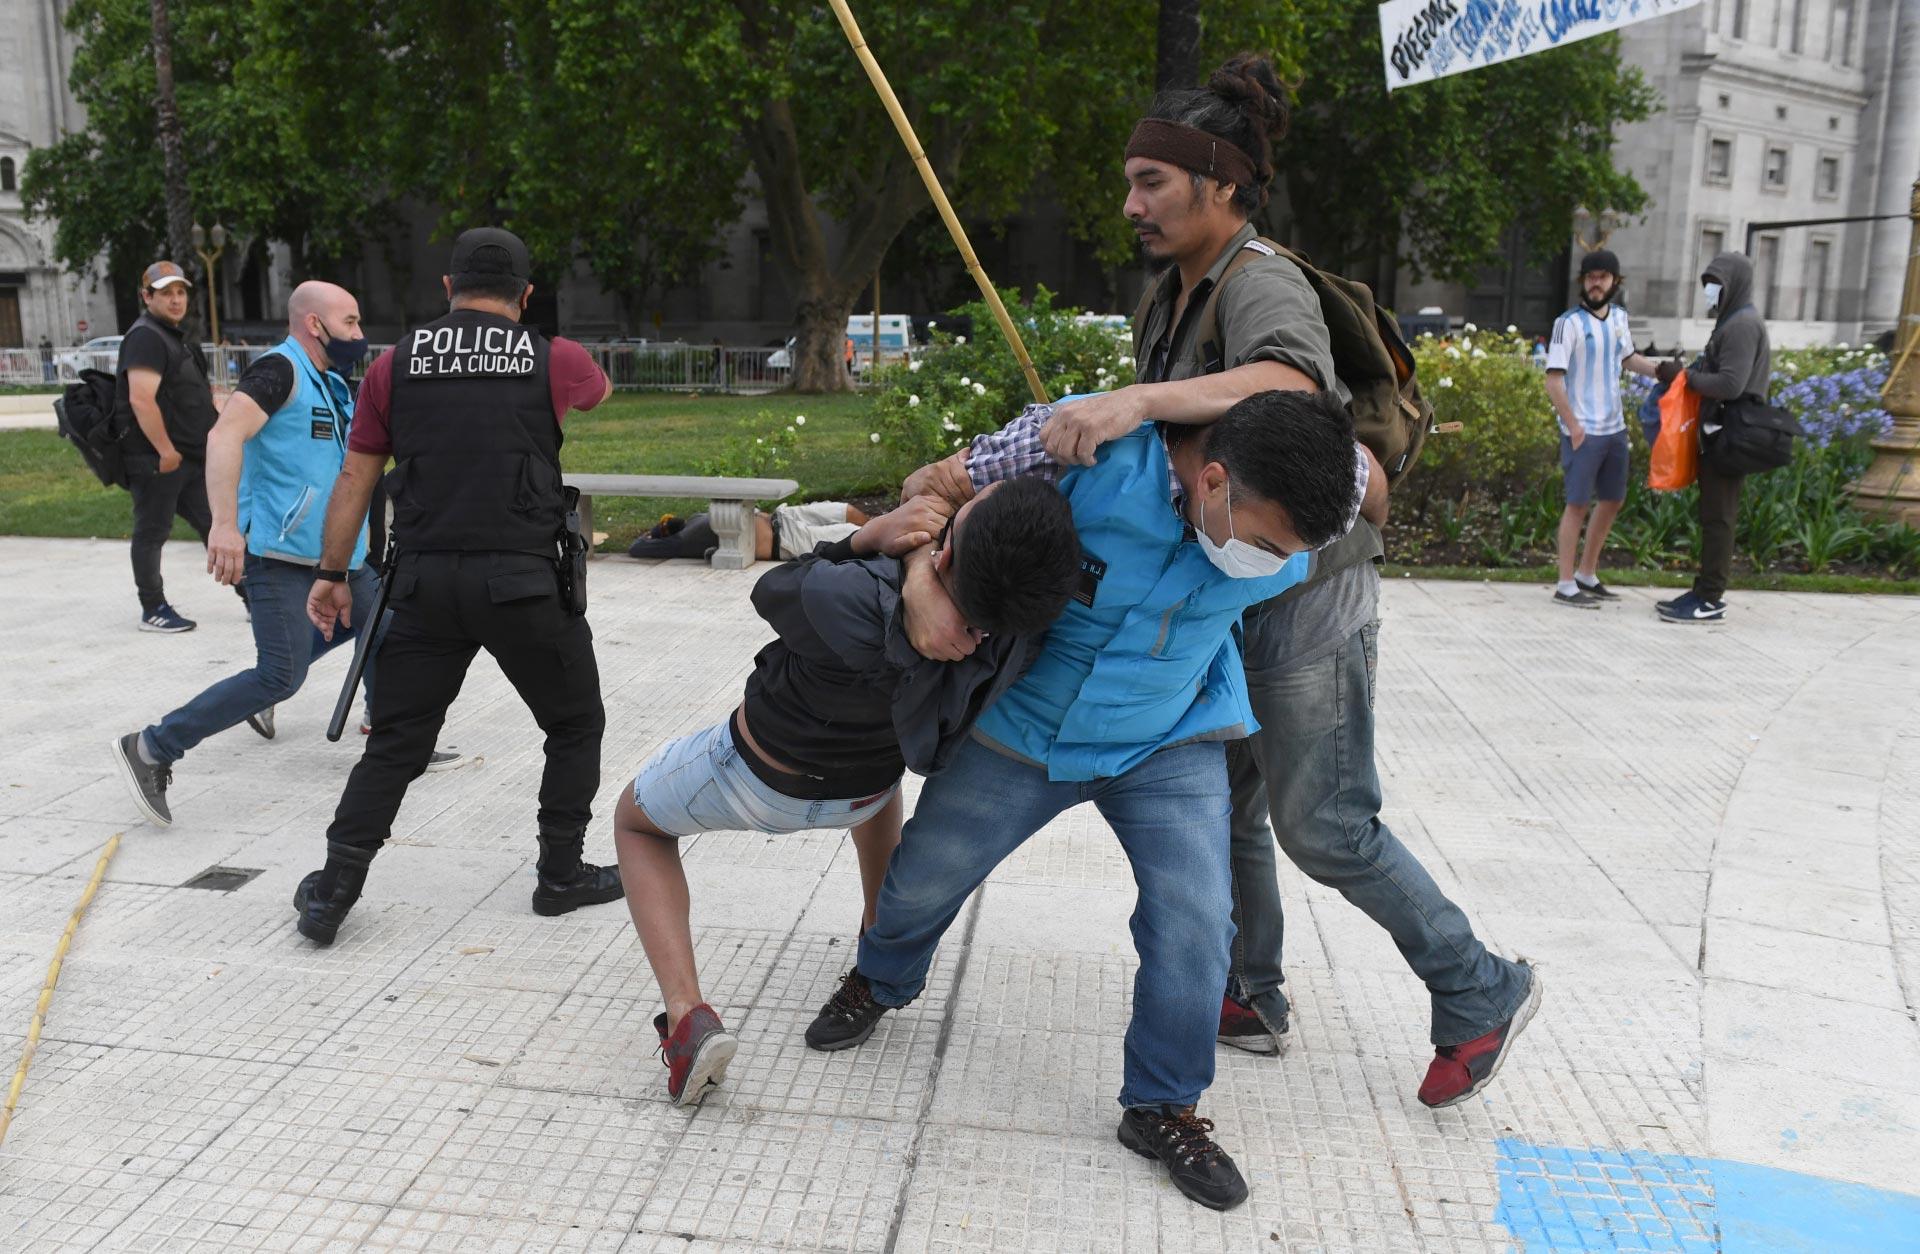 Efectivos de la policía de la Ciudad avanza contra un fanático